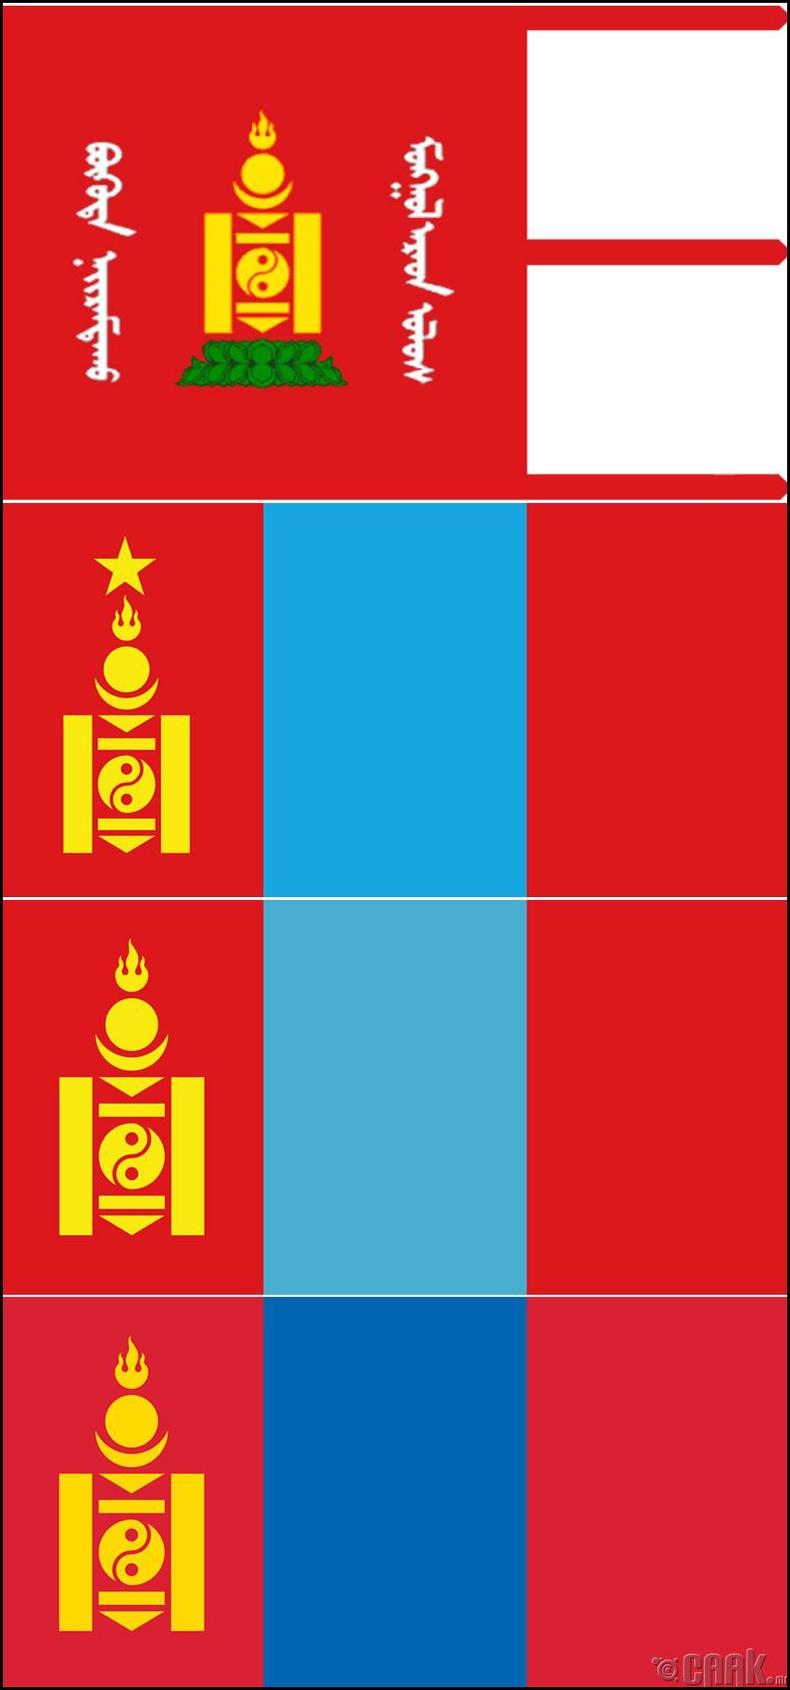 Бонус: Монгол улсын төрийн далбааны түүхэн хувьсал